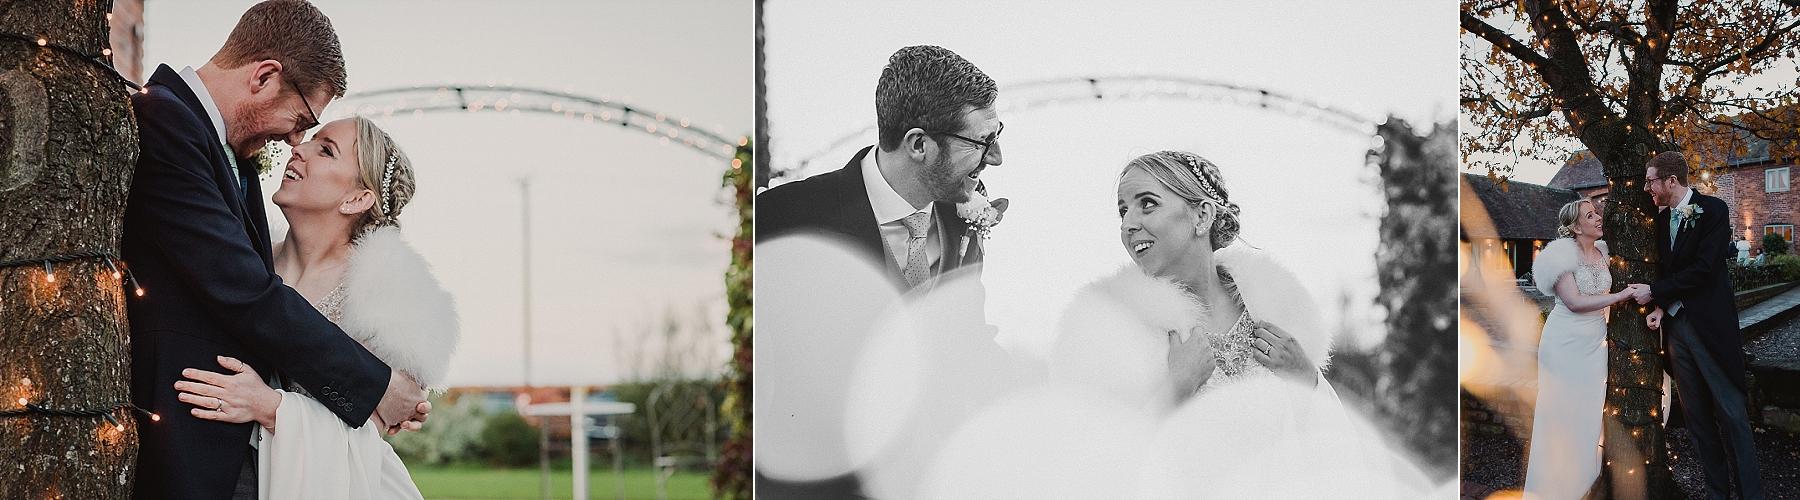 ROZ_RICH_curradine_wedding_0082.jpg